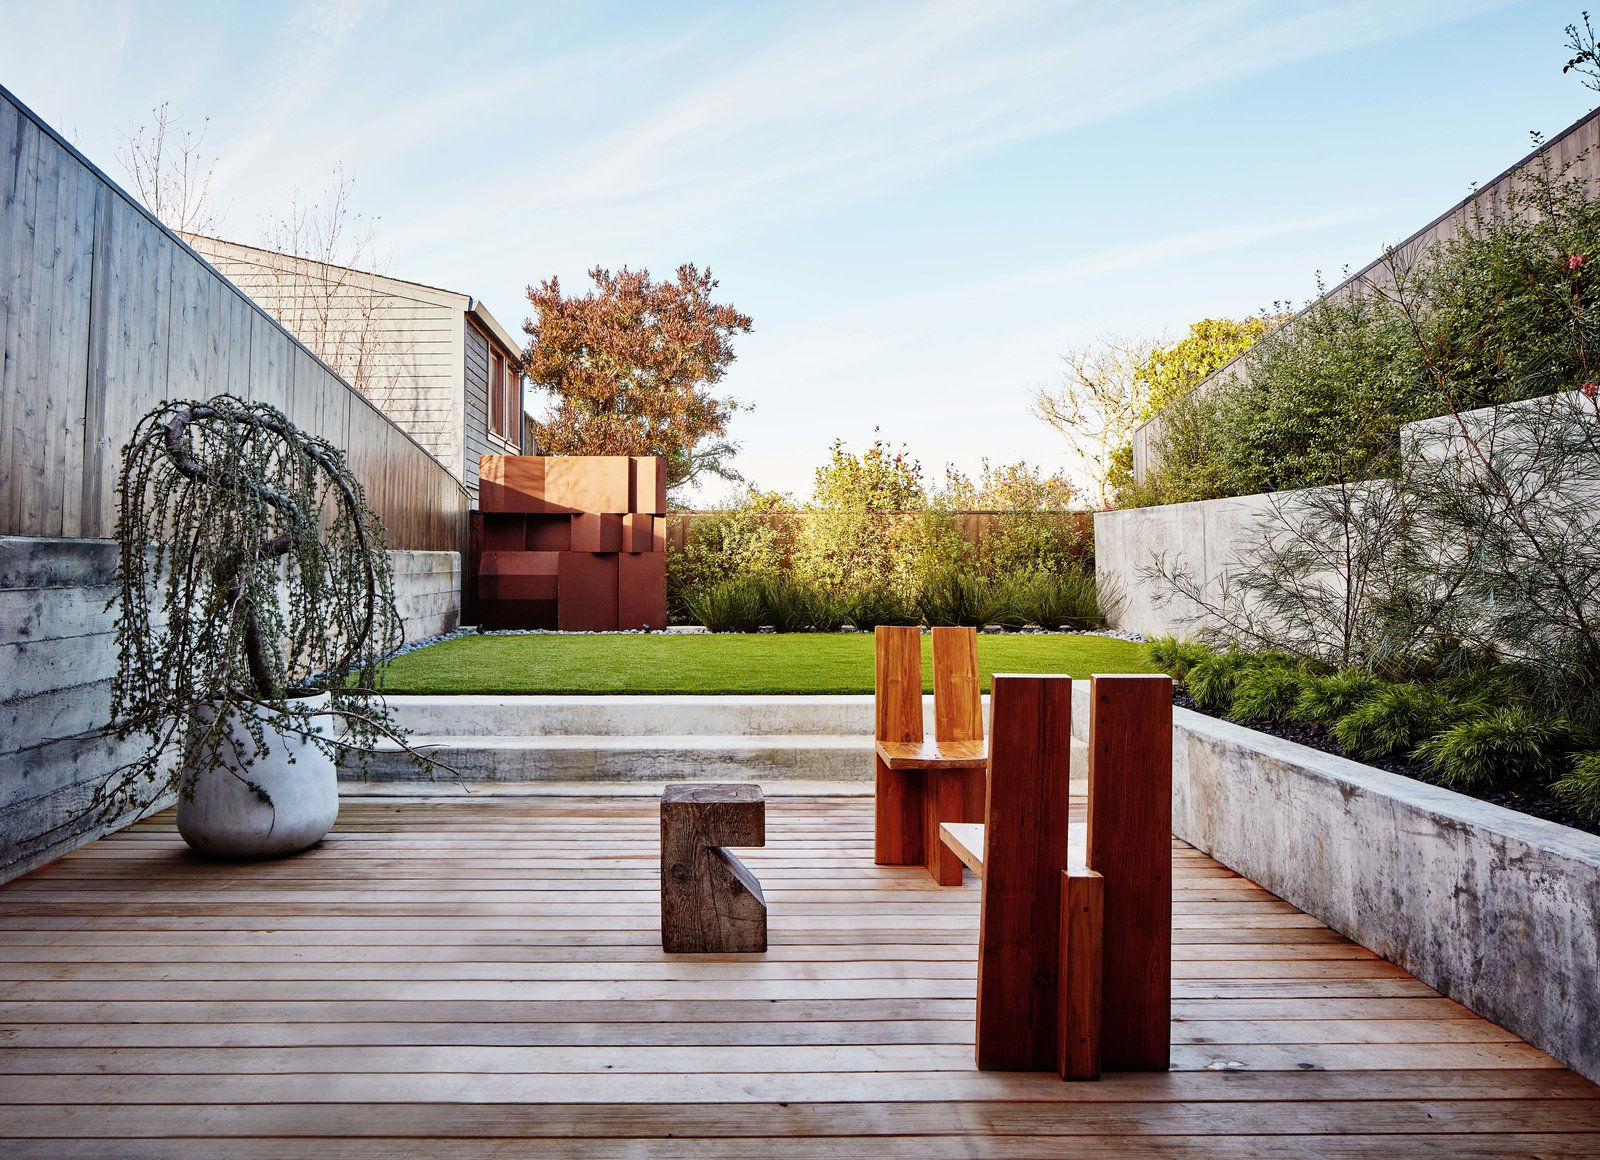 Outdoor  MAK Studio Noe Valley Residence